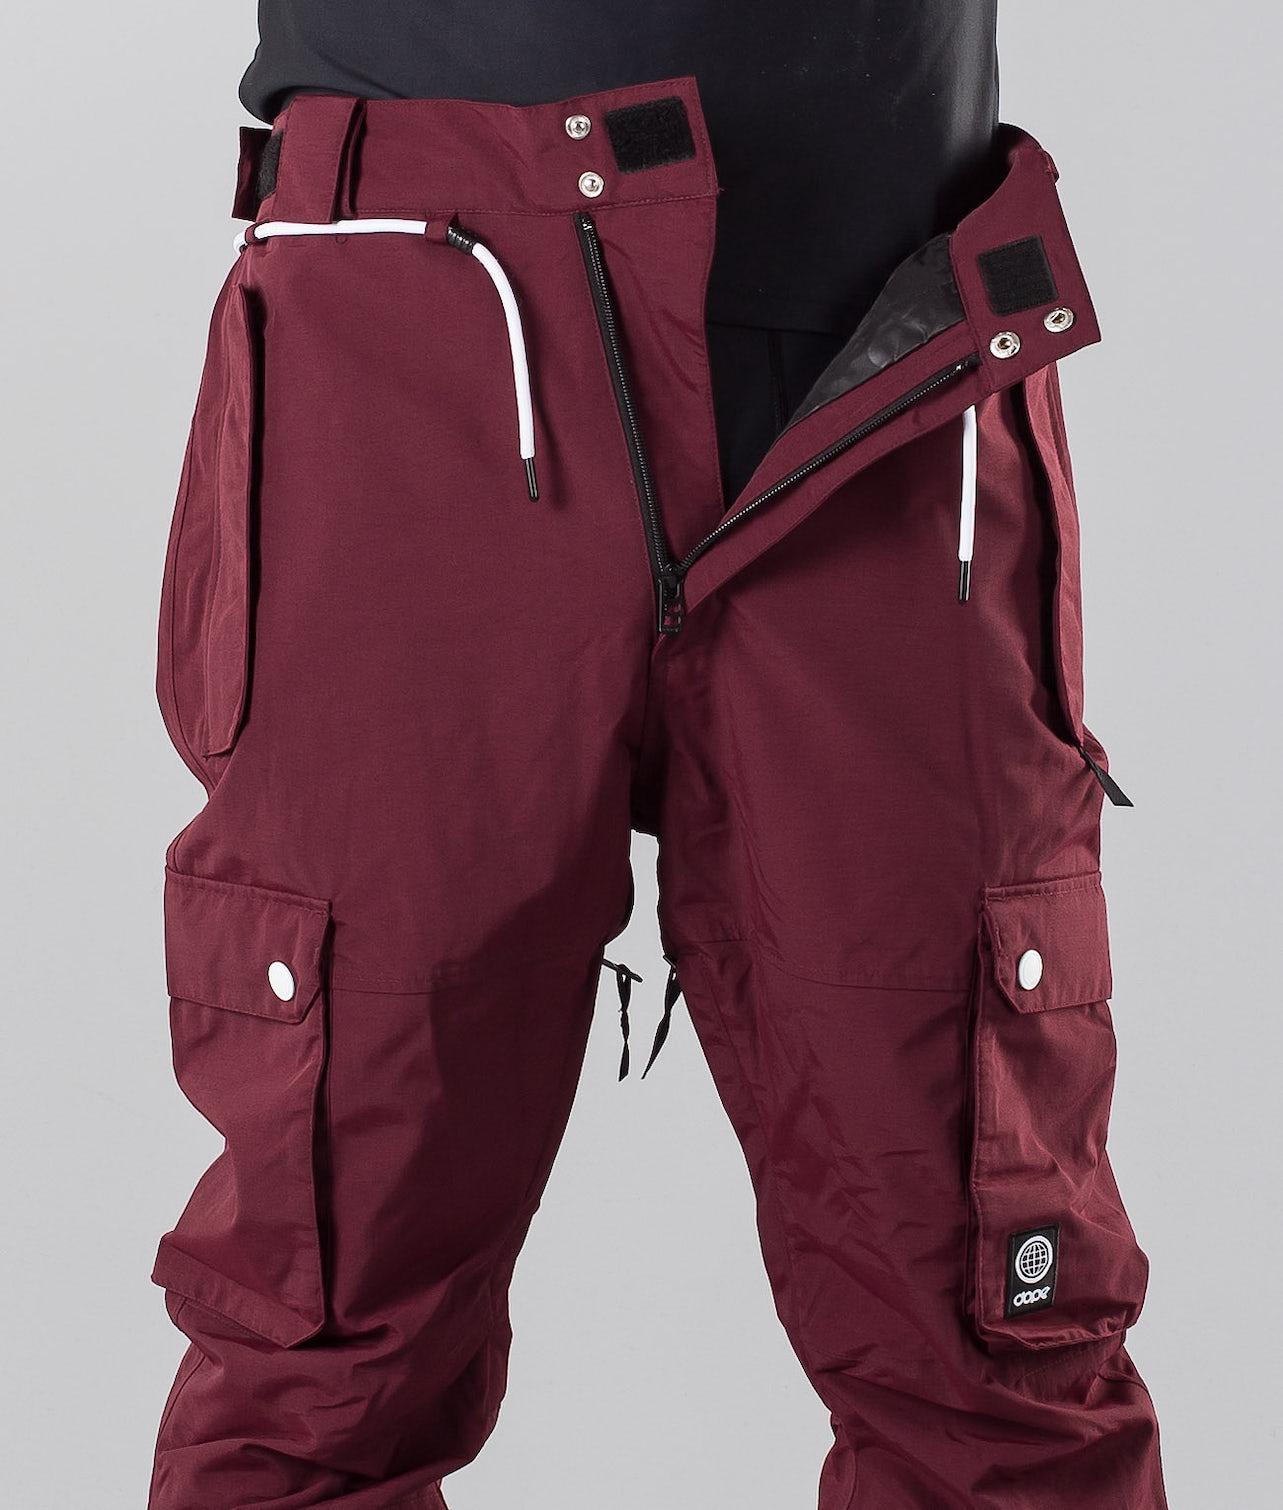 Kjøp Iconic 18 Snowboardbukse fra Dope på Ridestore.no - Hos oss har du alltid fri frakt, fri retur og 30 dagers åpent kjøp!